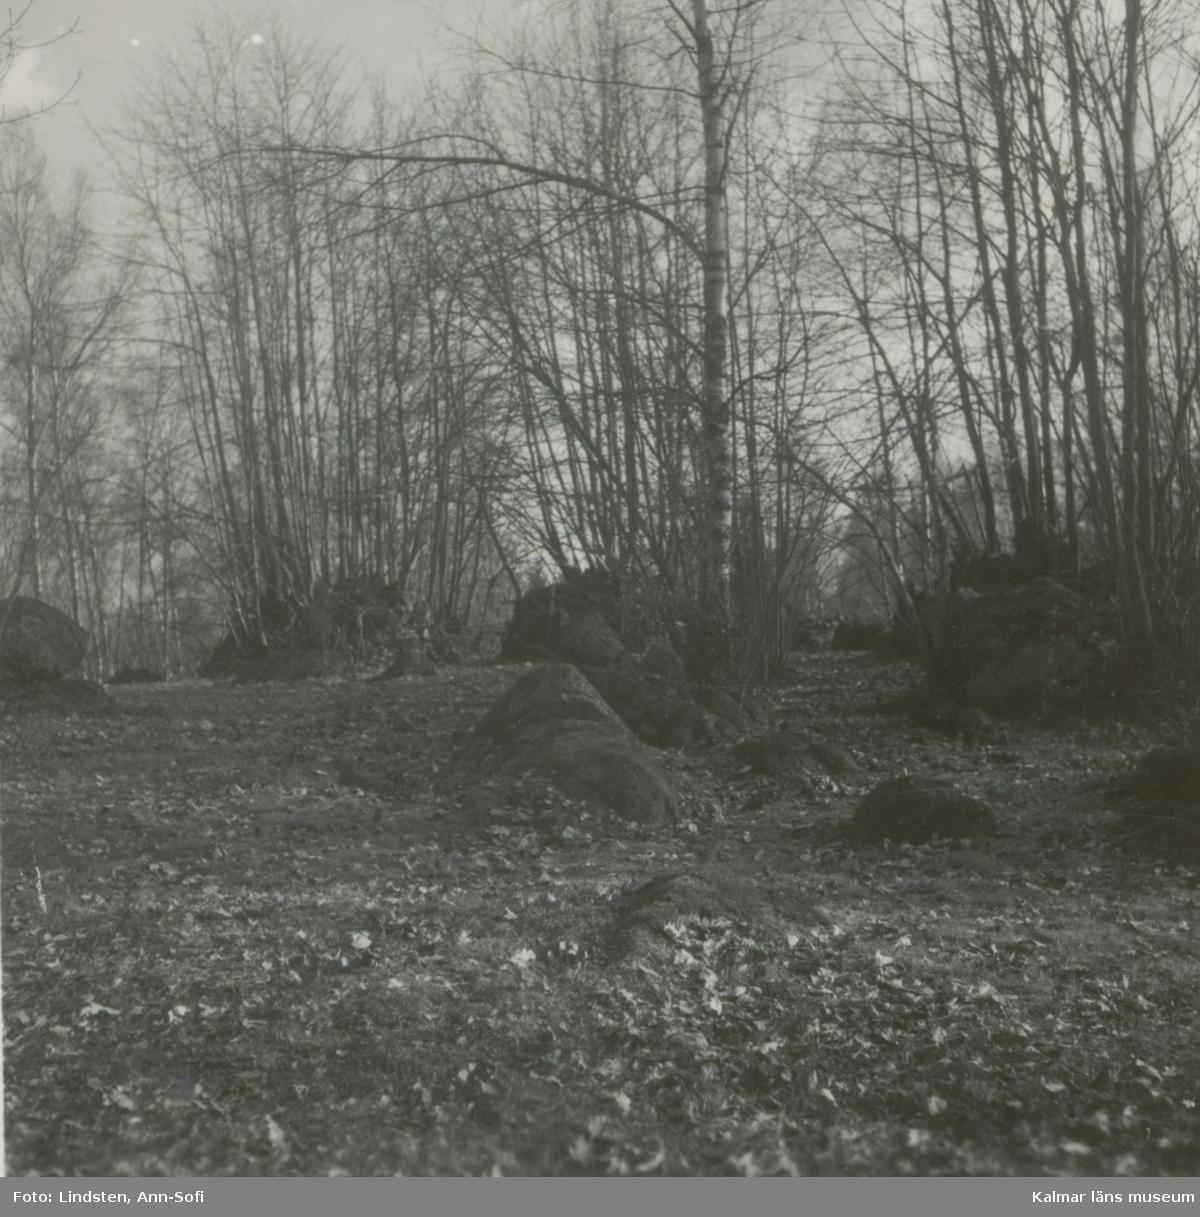 Gammal åker med odlingsrösen; högt belägen på en ås.